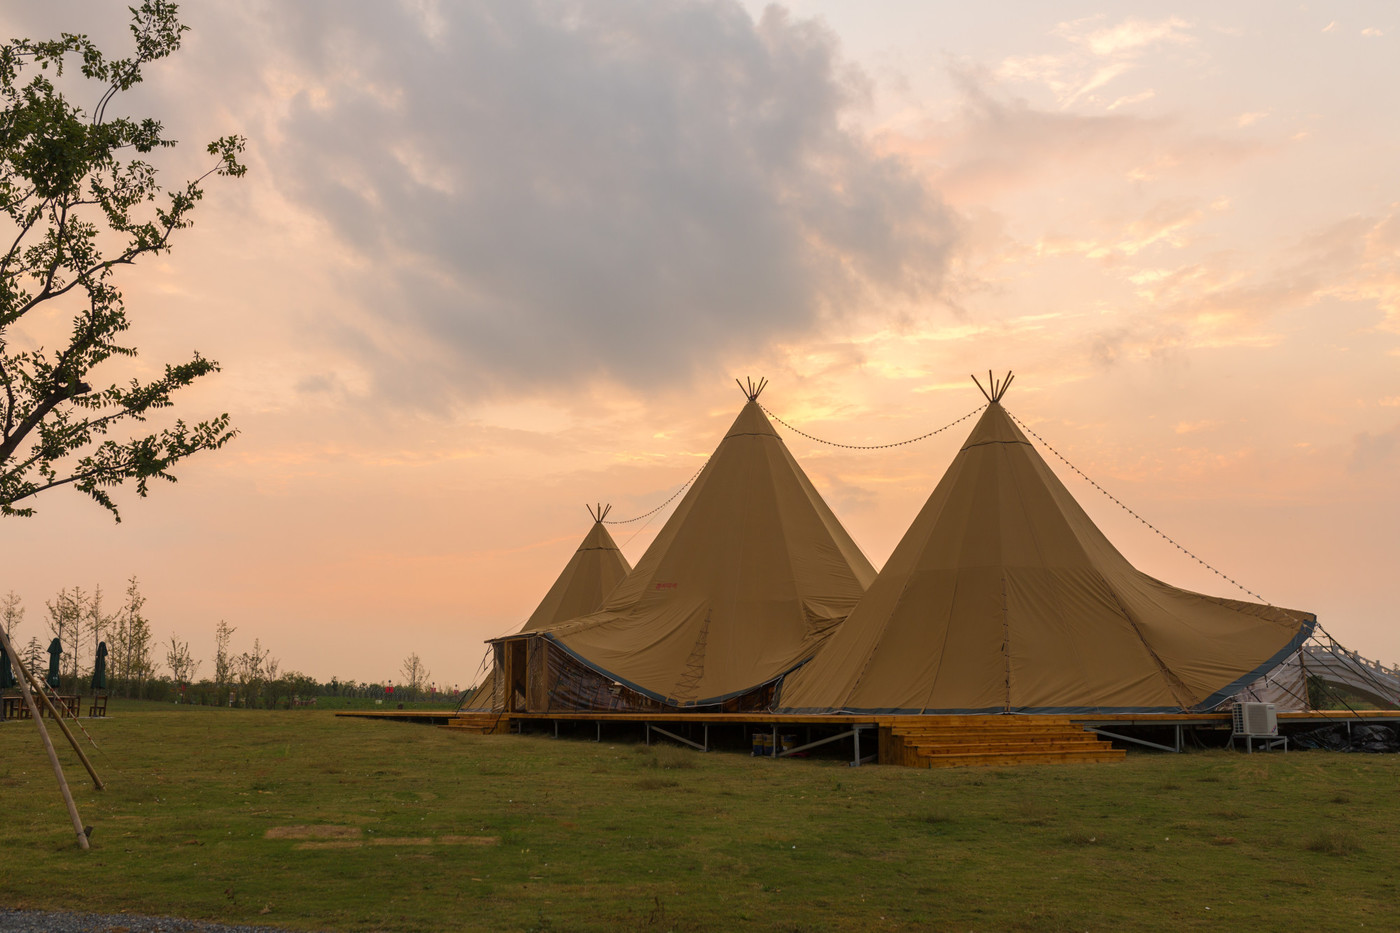 喜马拉雅印第安多功能大厅—淮安白马湖生态旅游度假区16